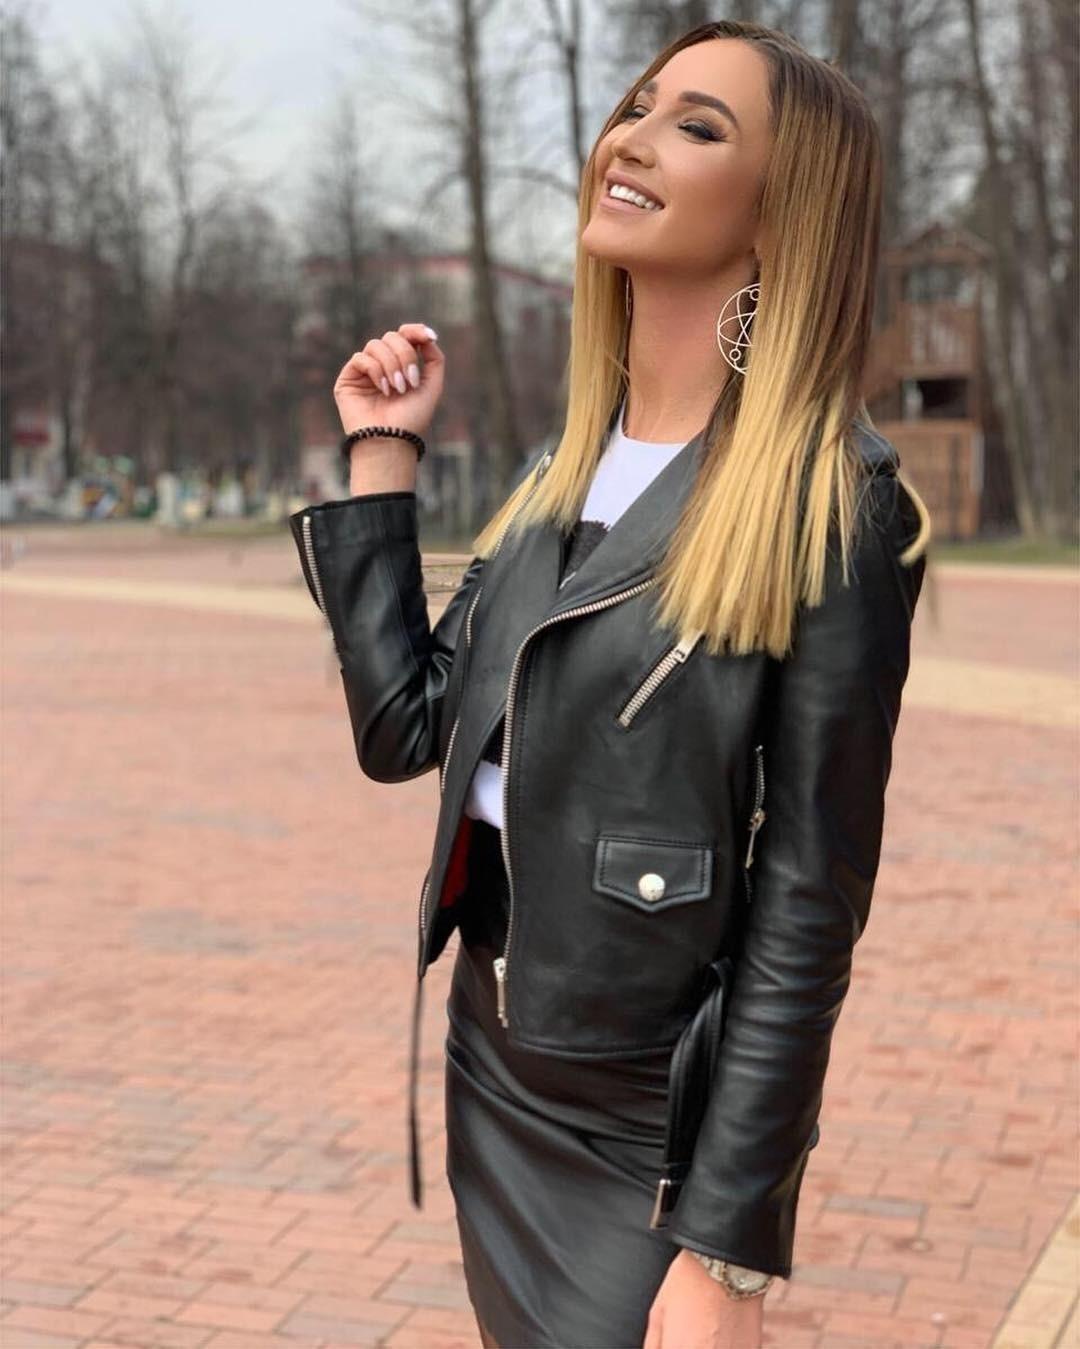 Ольга Бузова заявила, что хочет секса сбывшим мужем Дмитрием Тарасовым